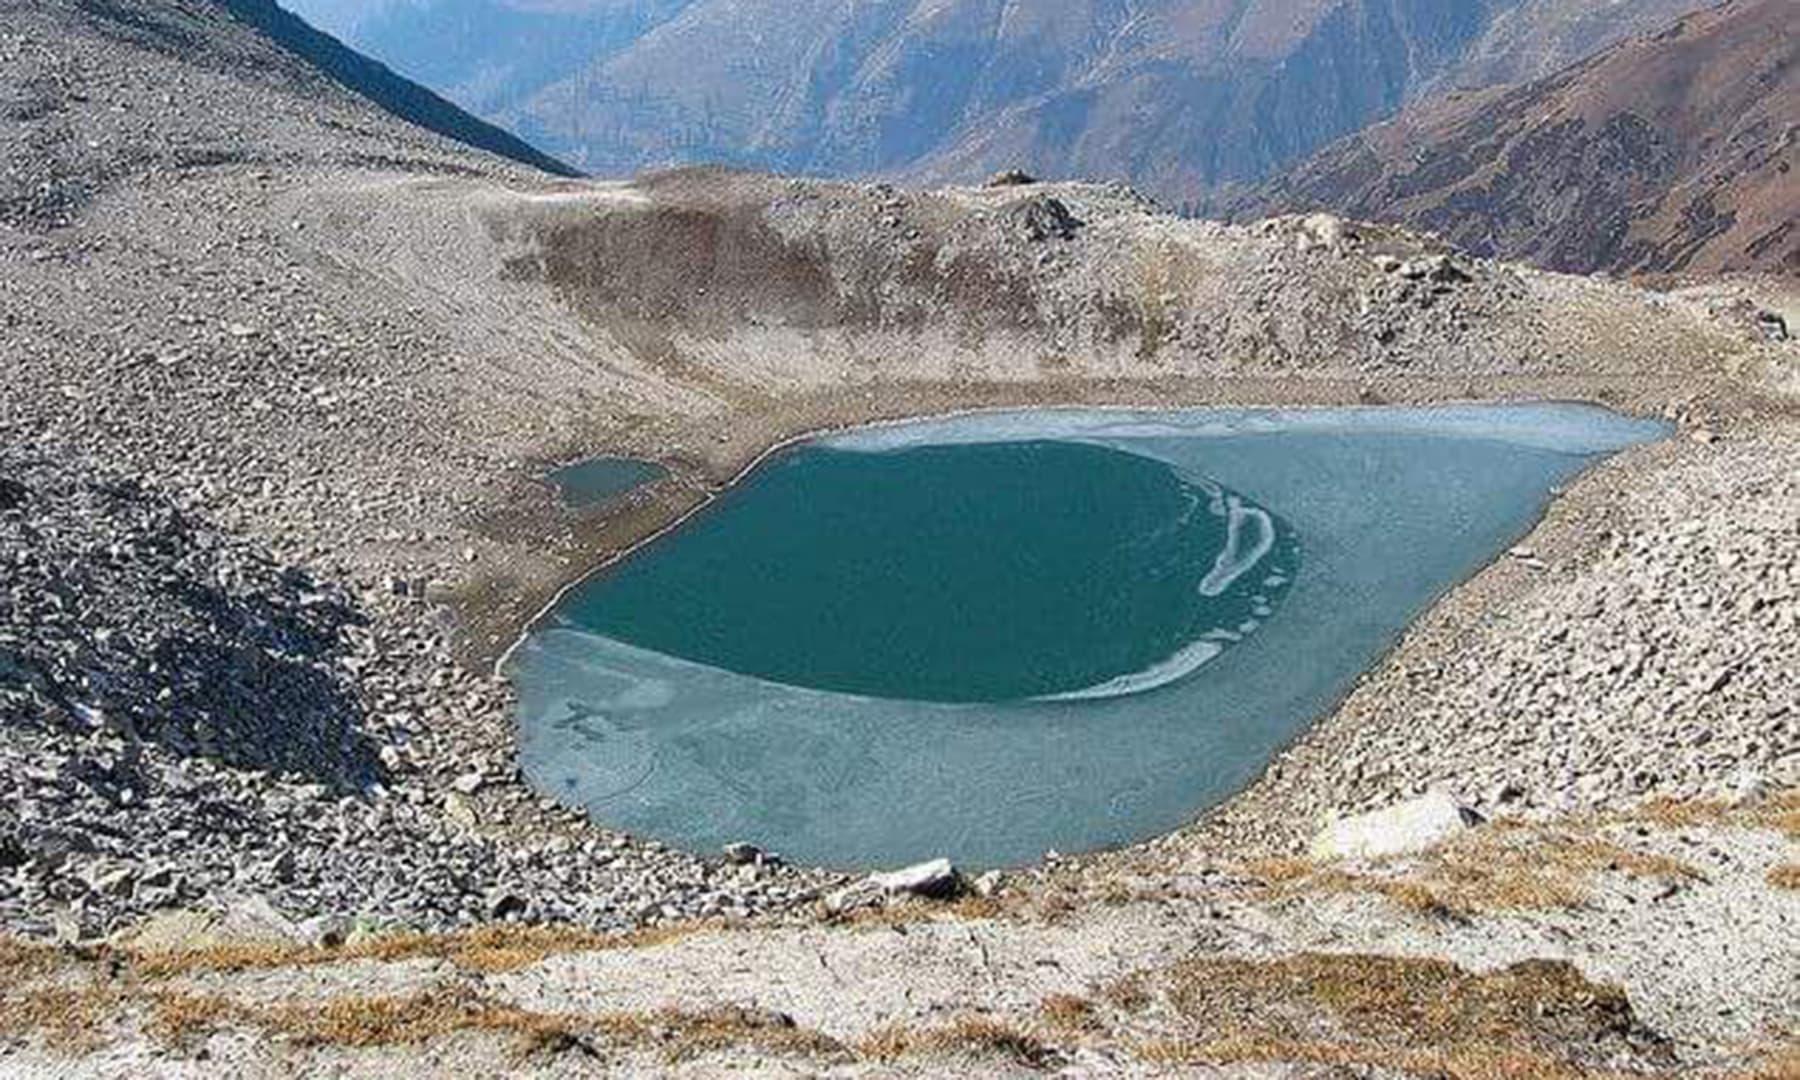 اکتوبر میں لی گئی آنسو جھیل کی تصویر—تصویر محمد احسن